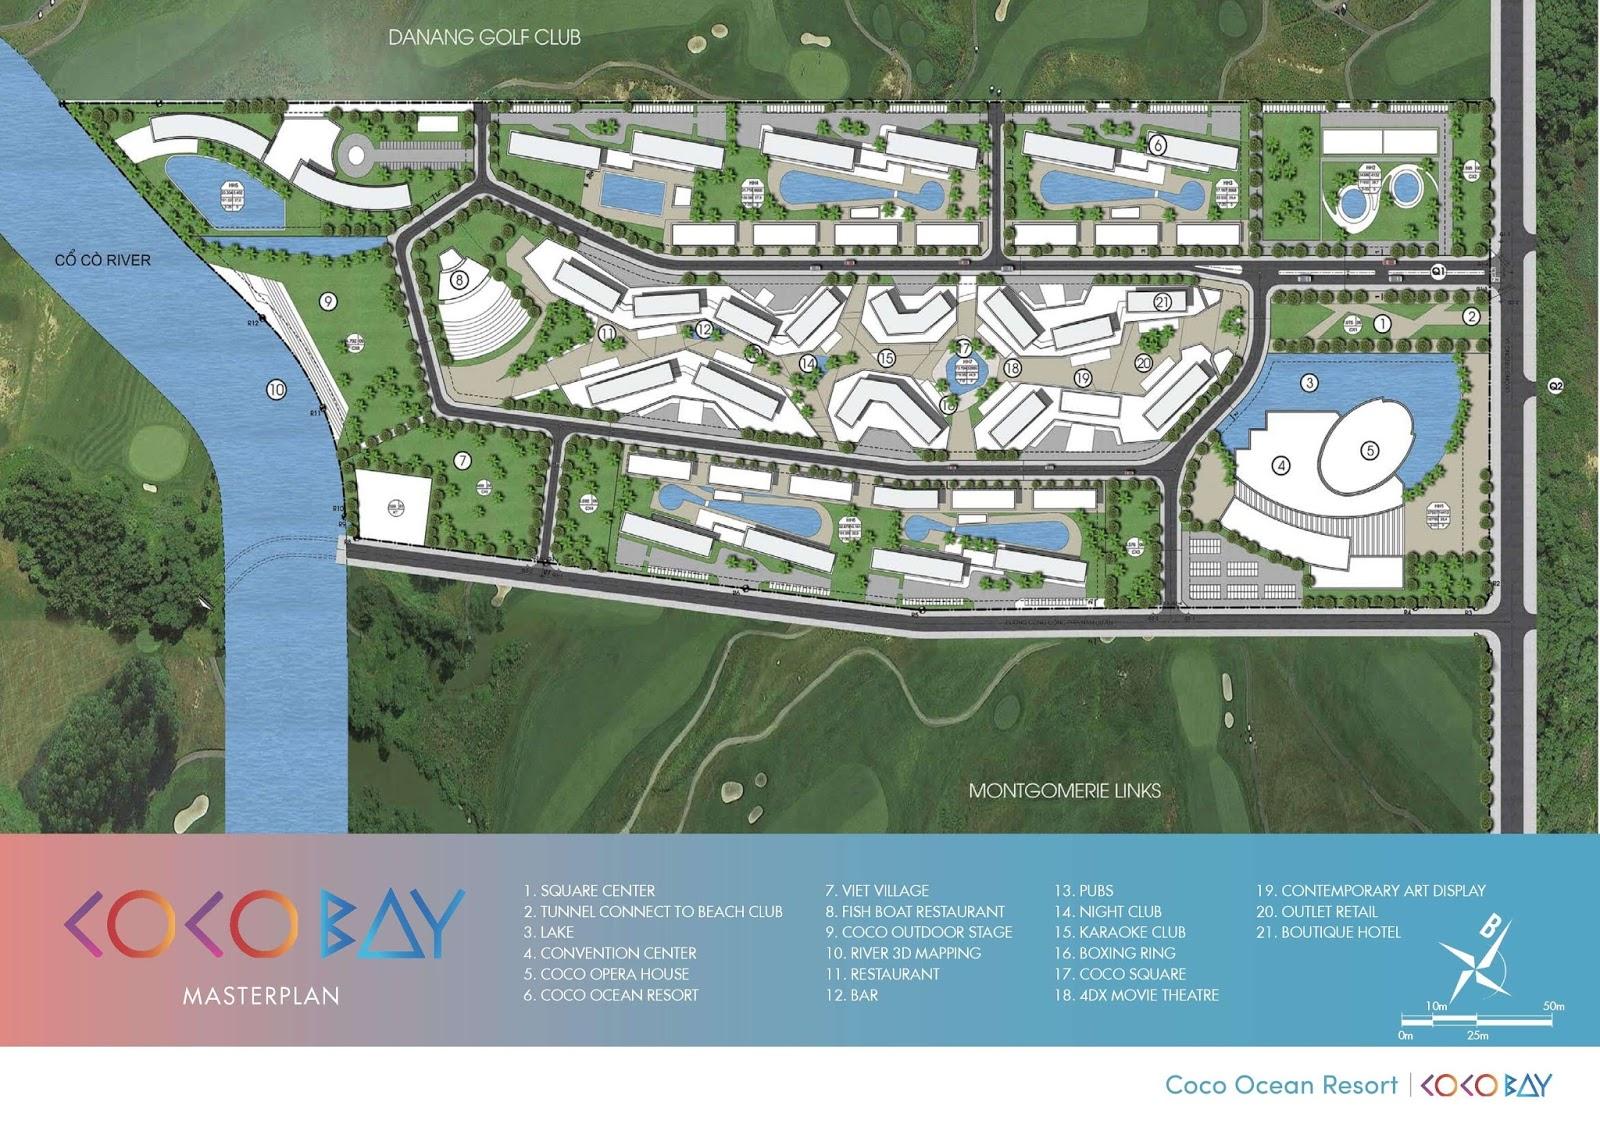 Giới thiệu dự án Cocobay Đà Nẵng